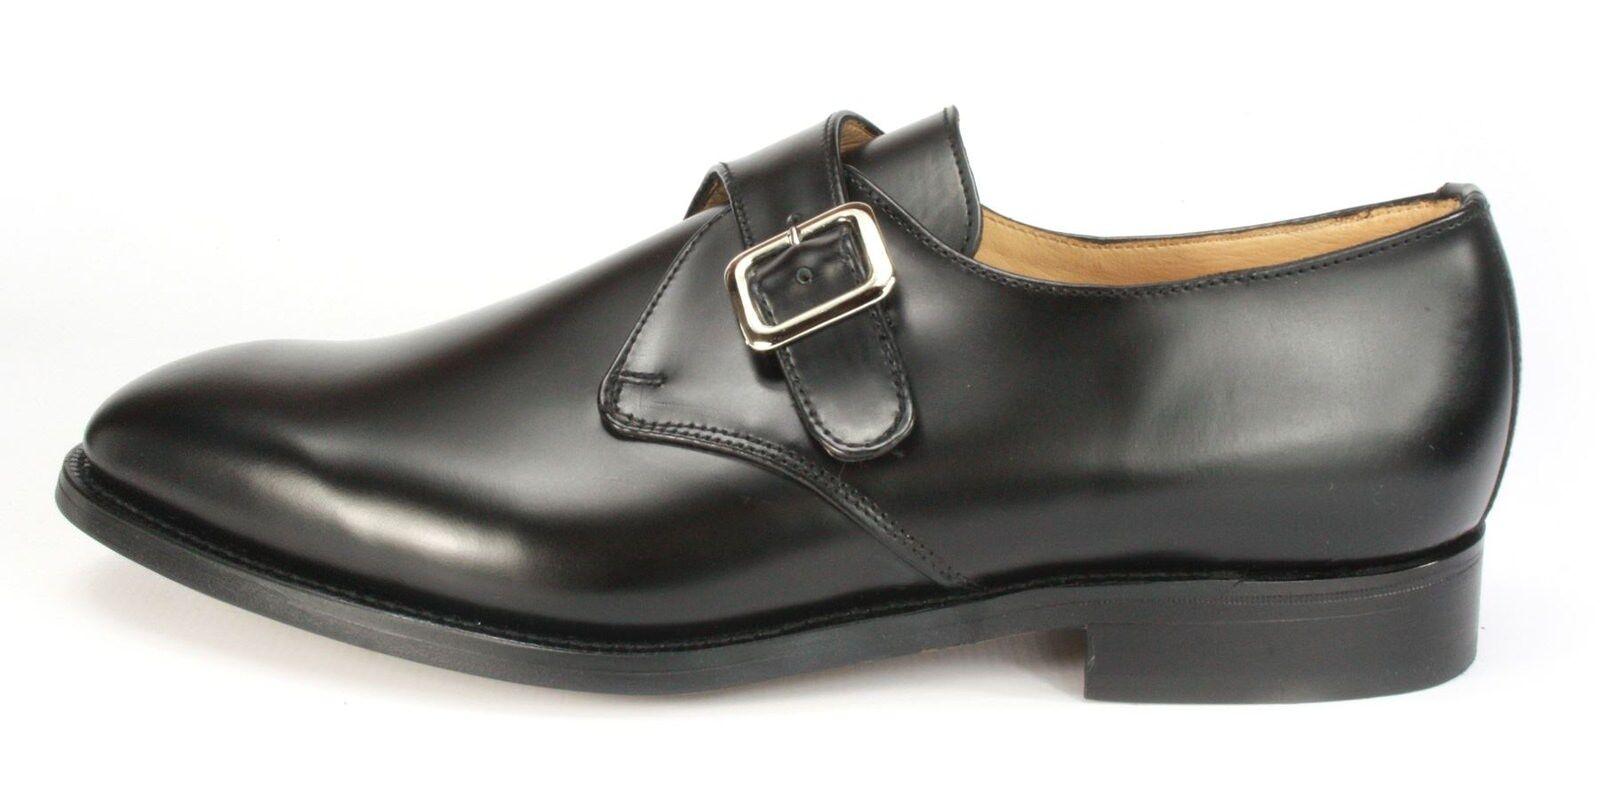 Charles Horrel Britsh Britsh Britsh Handmade Welted Mens Leather Monk Shoes Black a02d5e